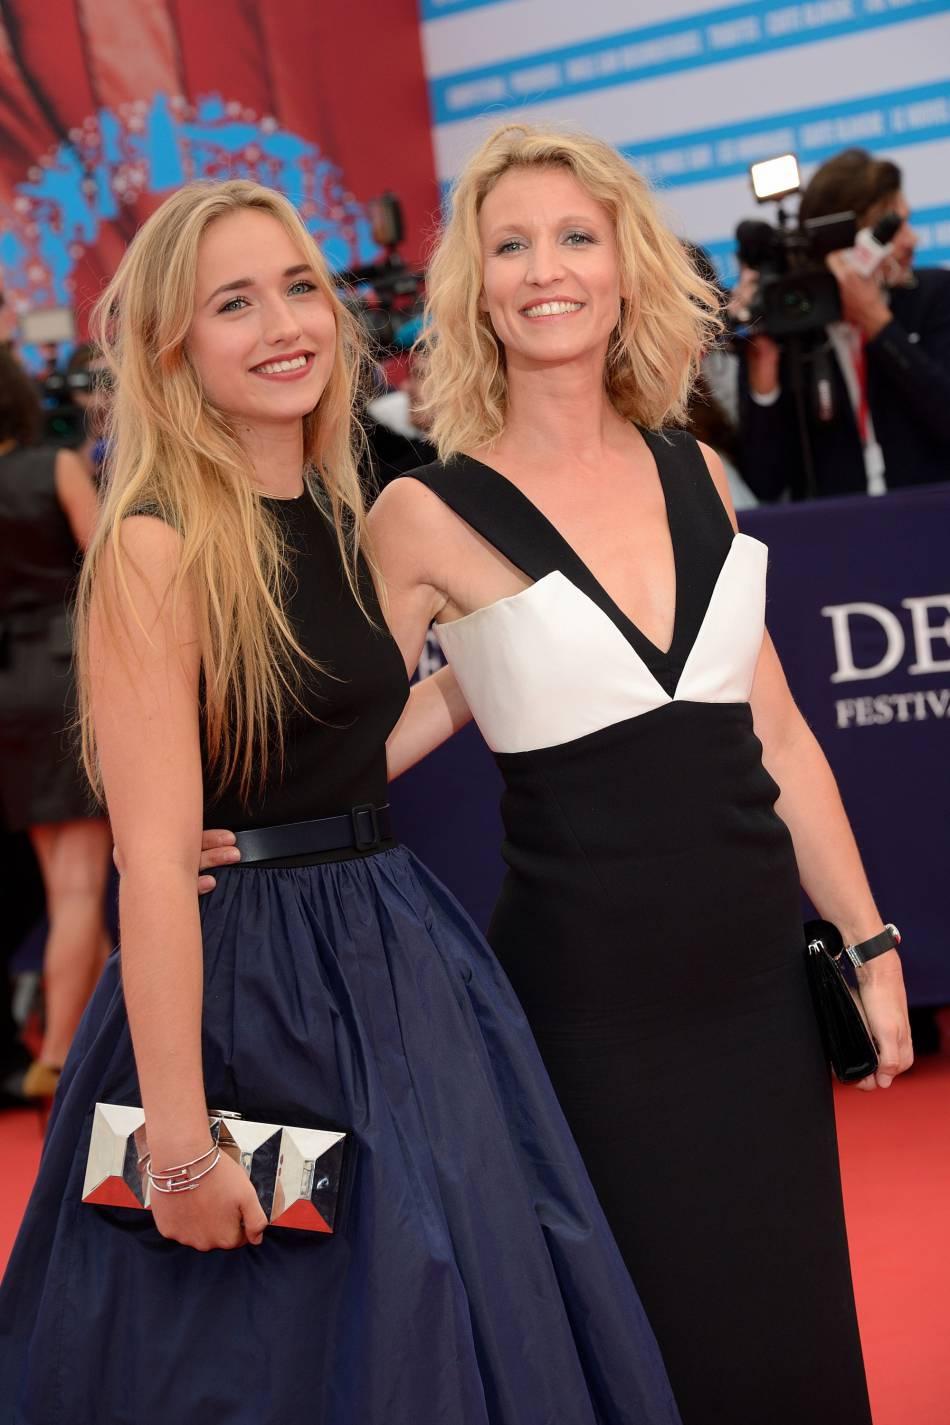 Mère et fille partagent ce même blond californien.